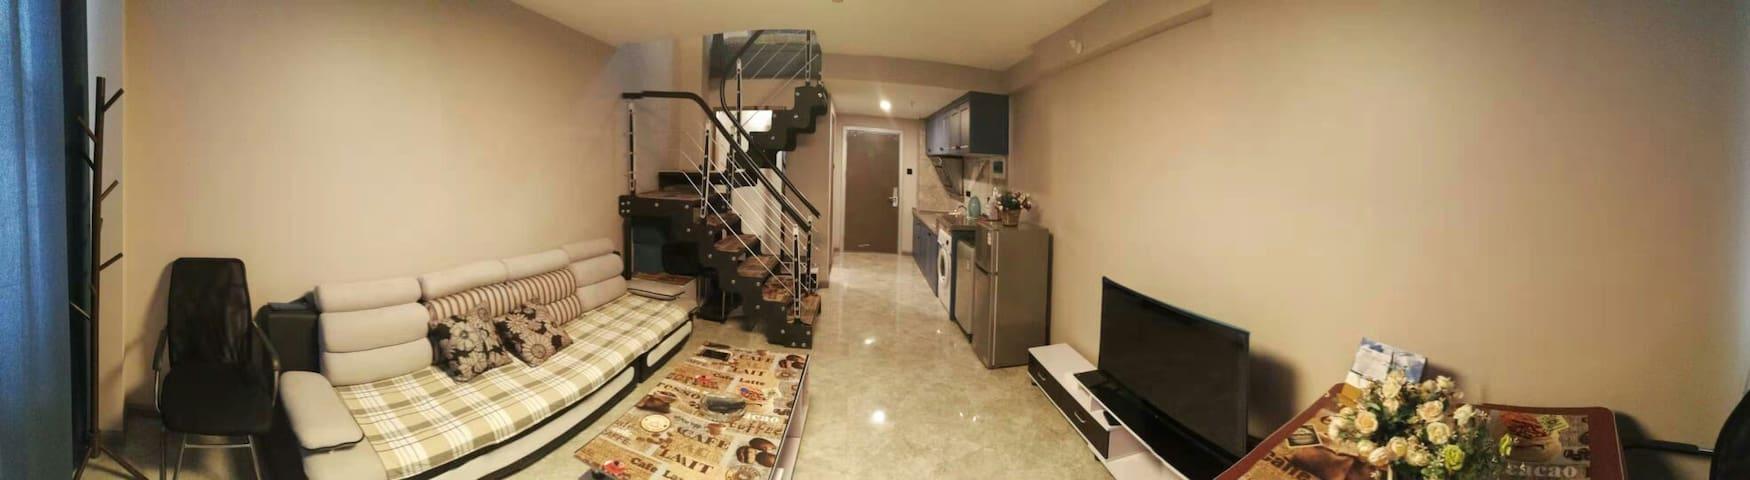 科尔马公寓